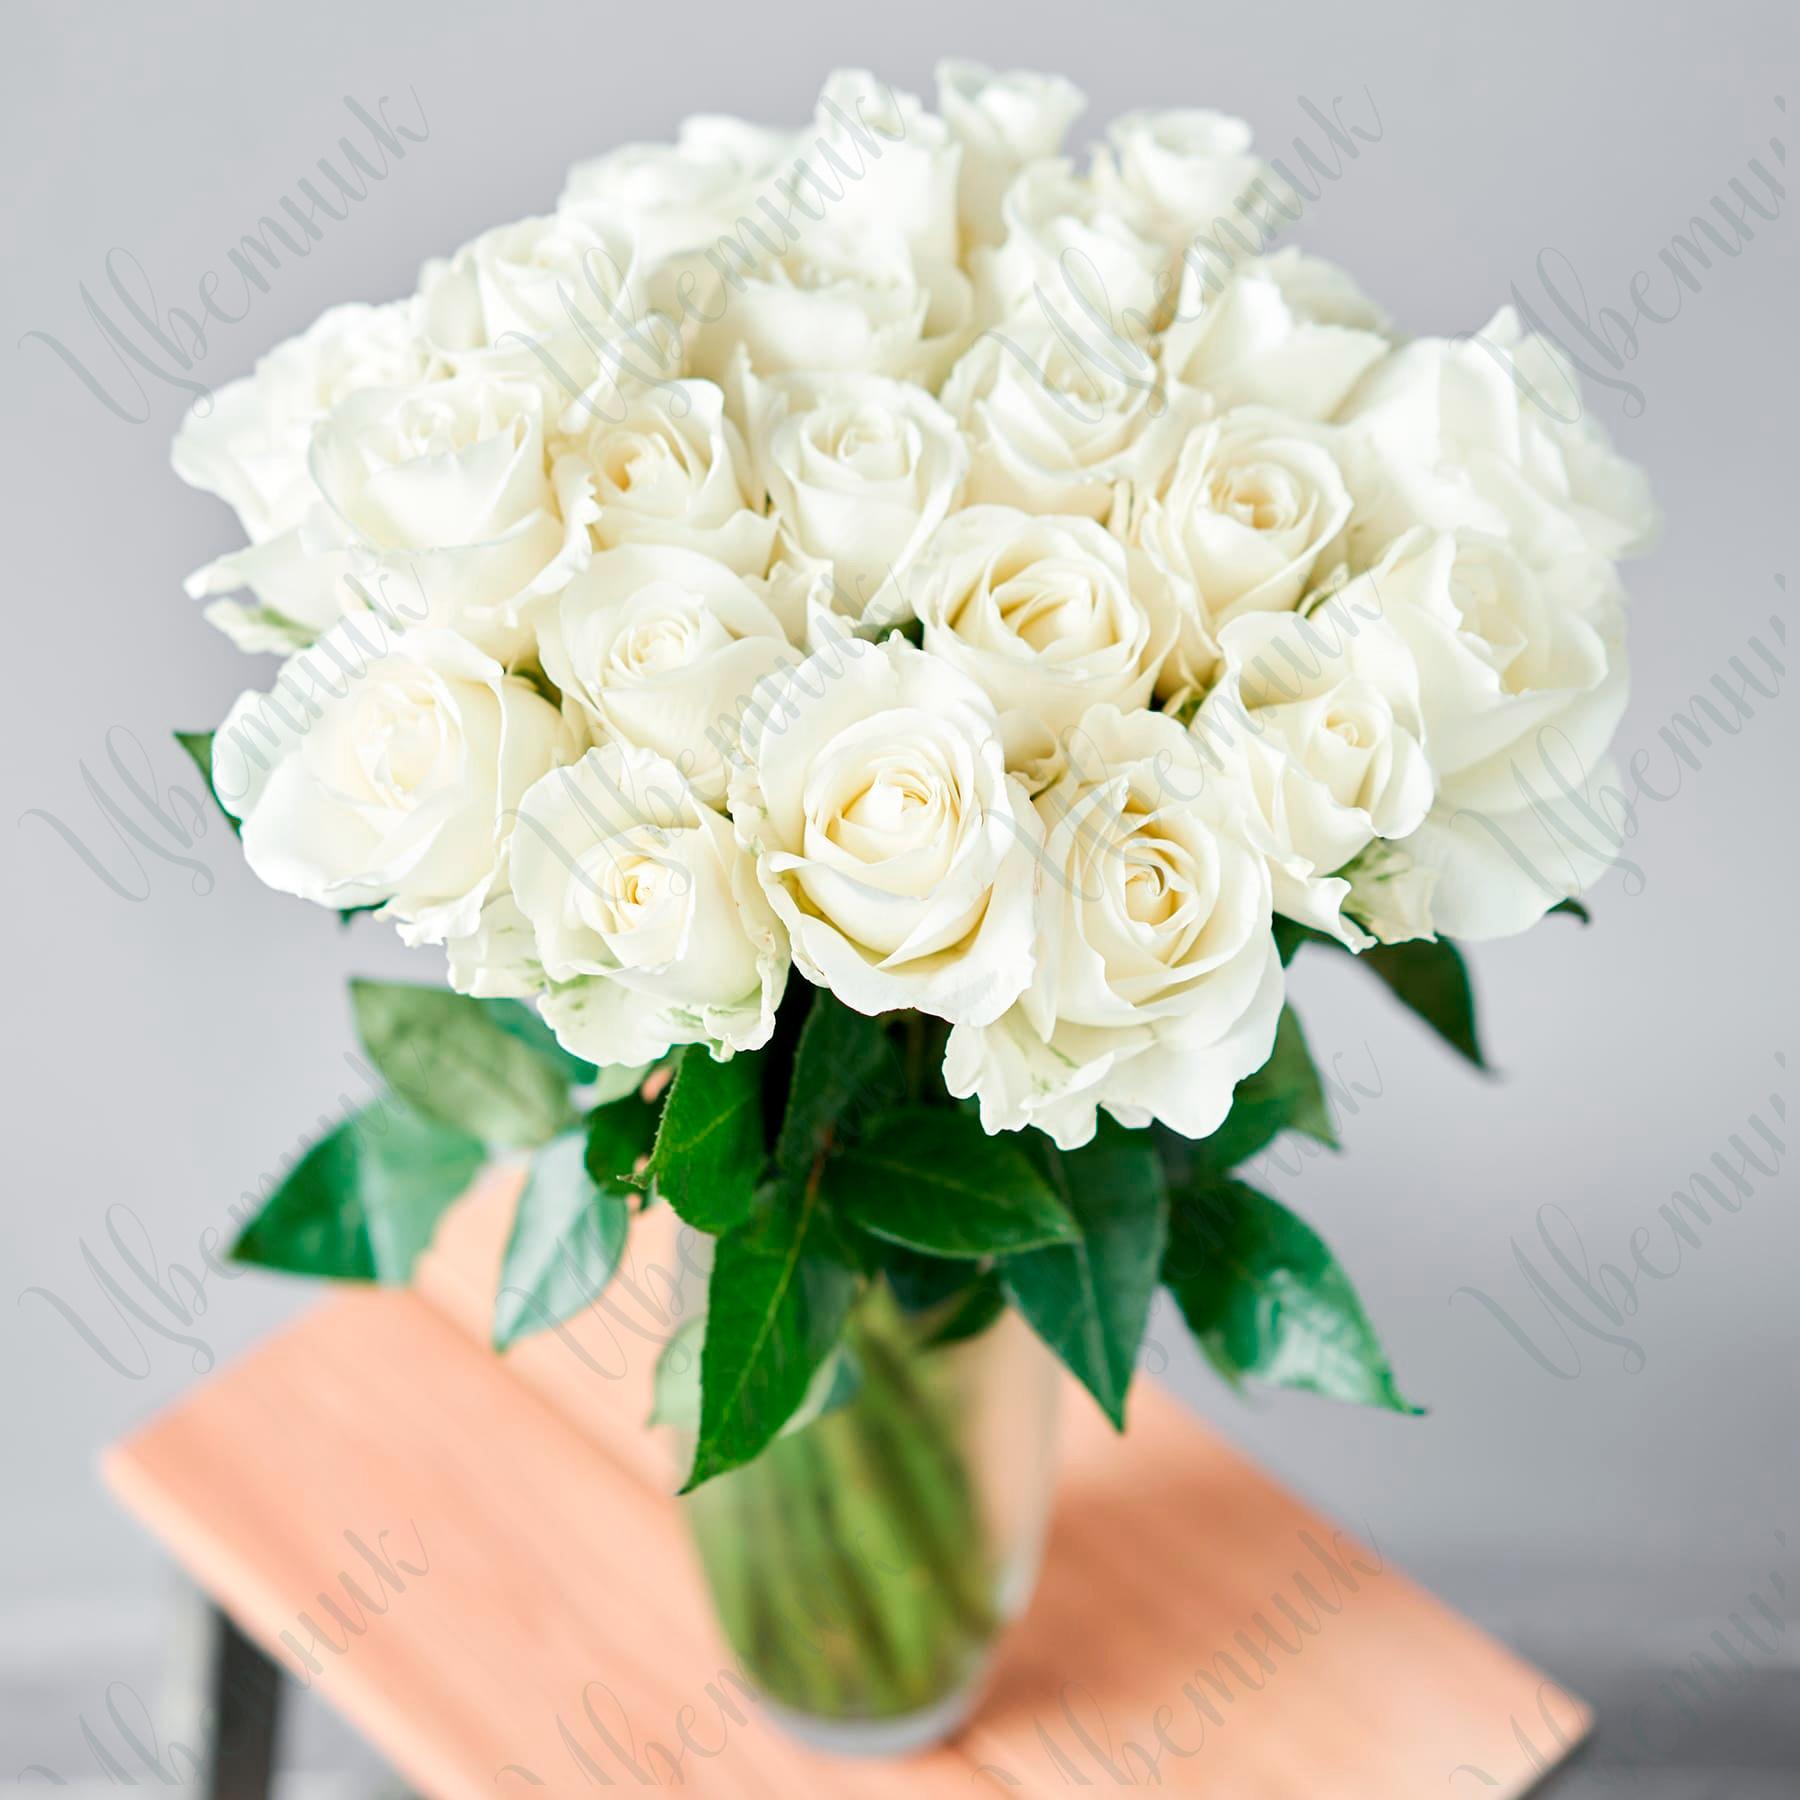 25 белых роз, перевязанных лентой